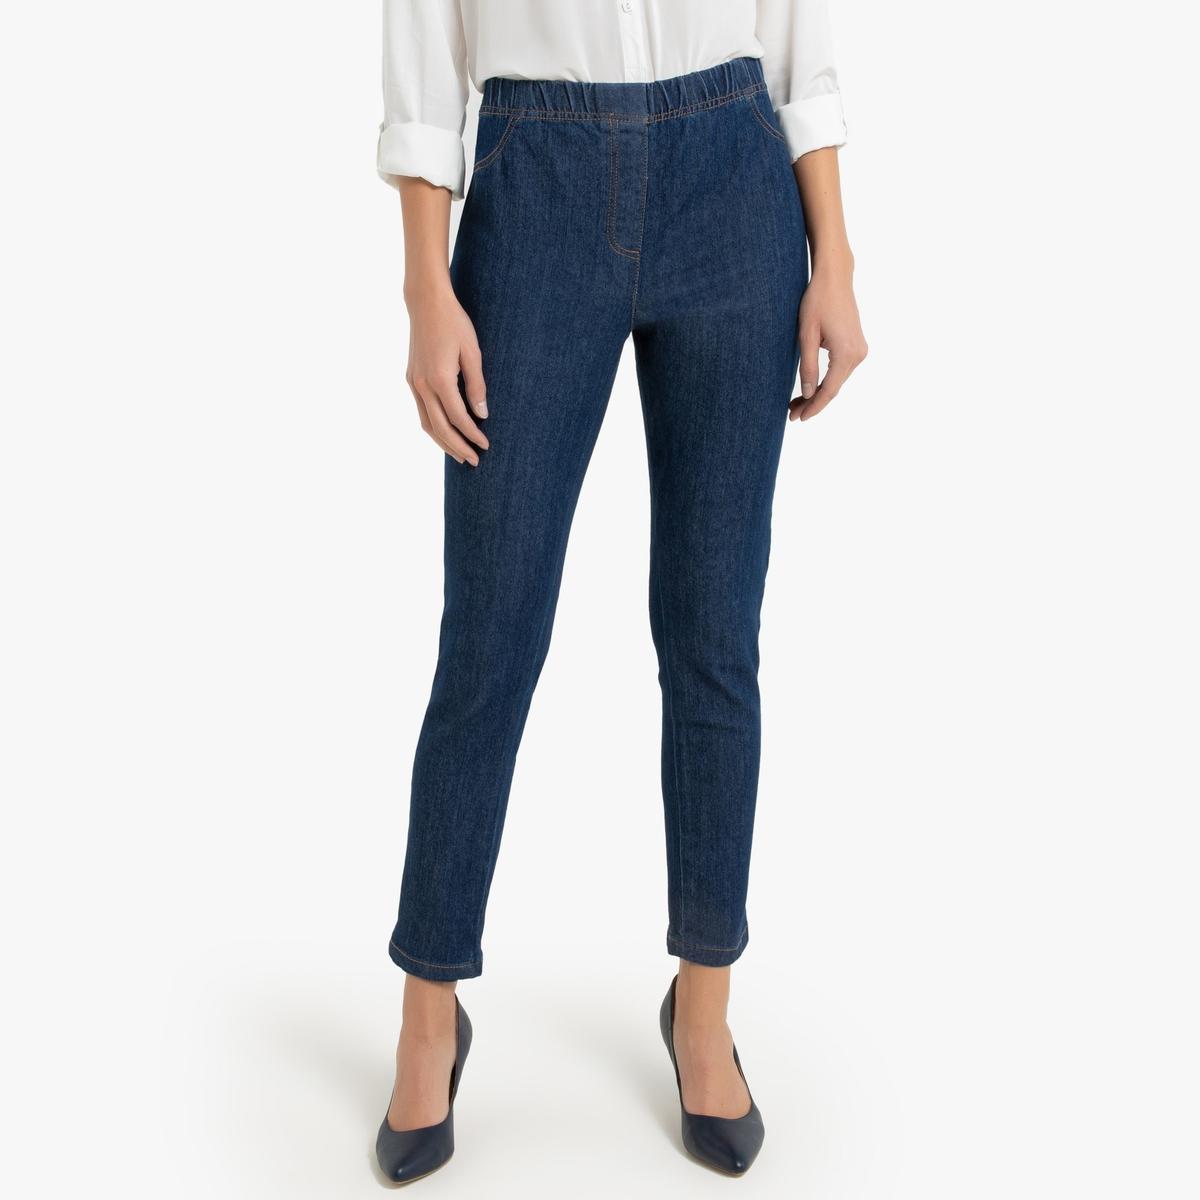 Jeans afunilado 7/8º, cós elástico